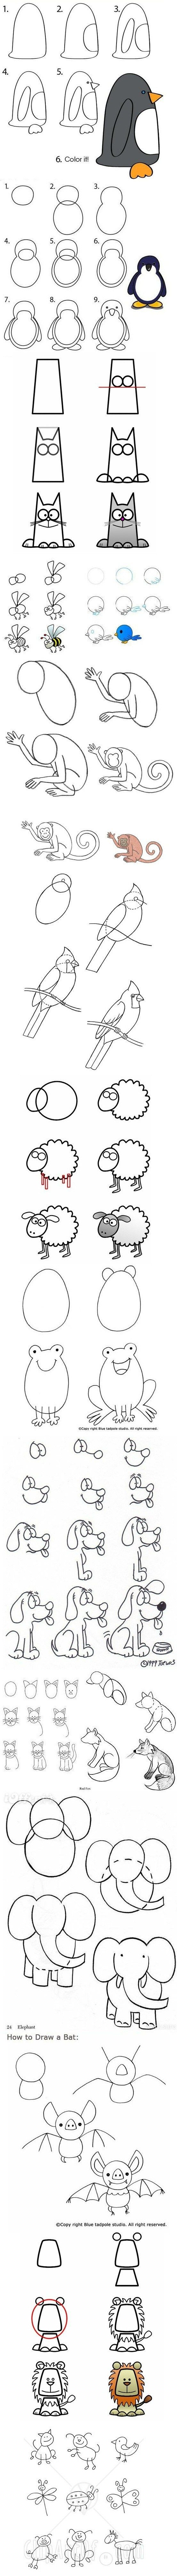 Dibujar animales.